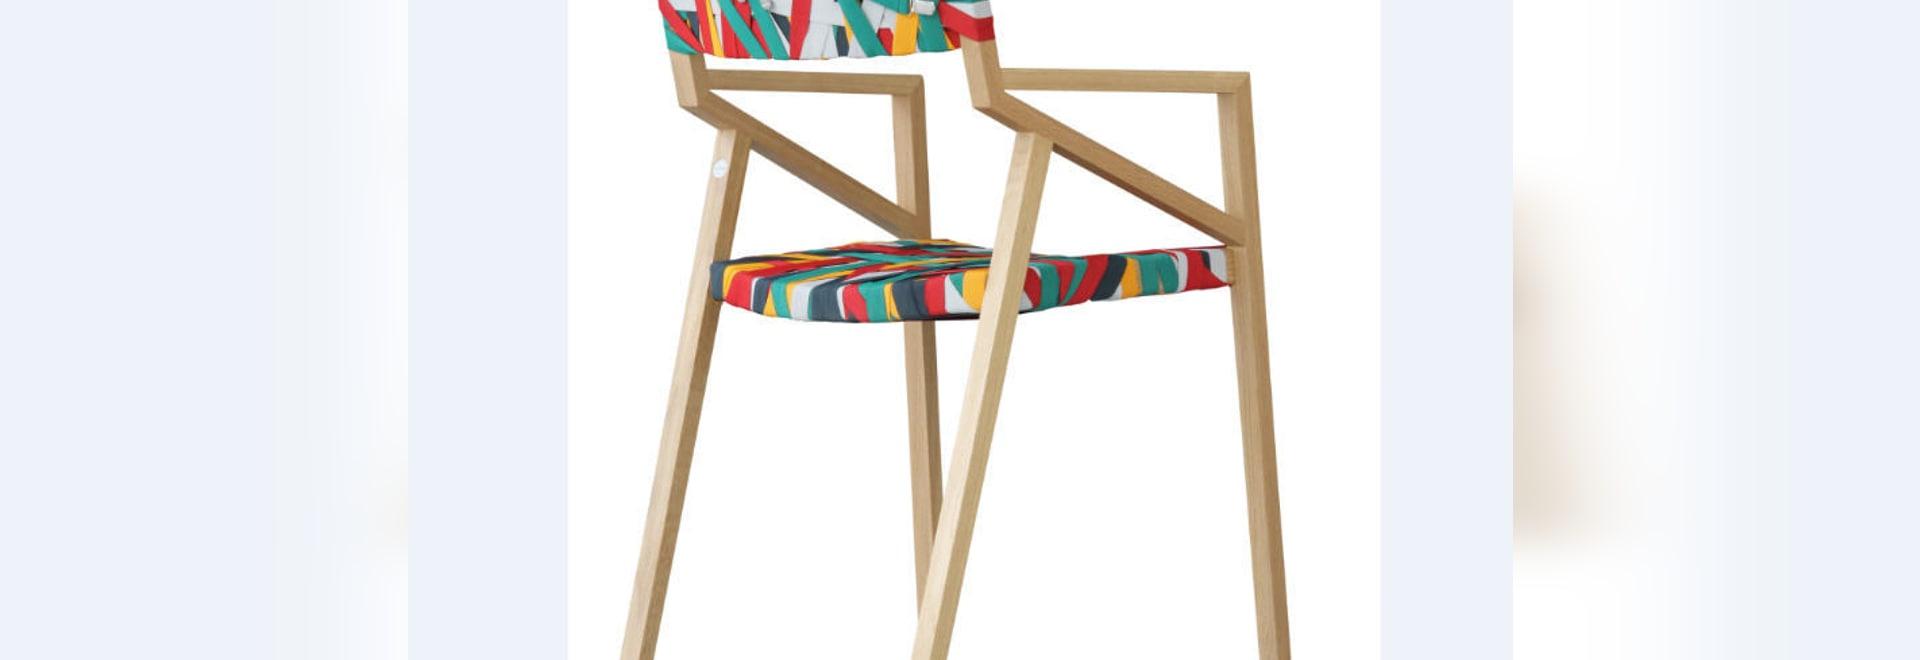 Découvrez la chaise «Bretelle» par Luca Martorano & georgmuehlmann